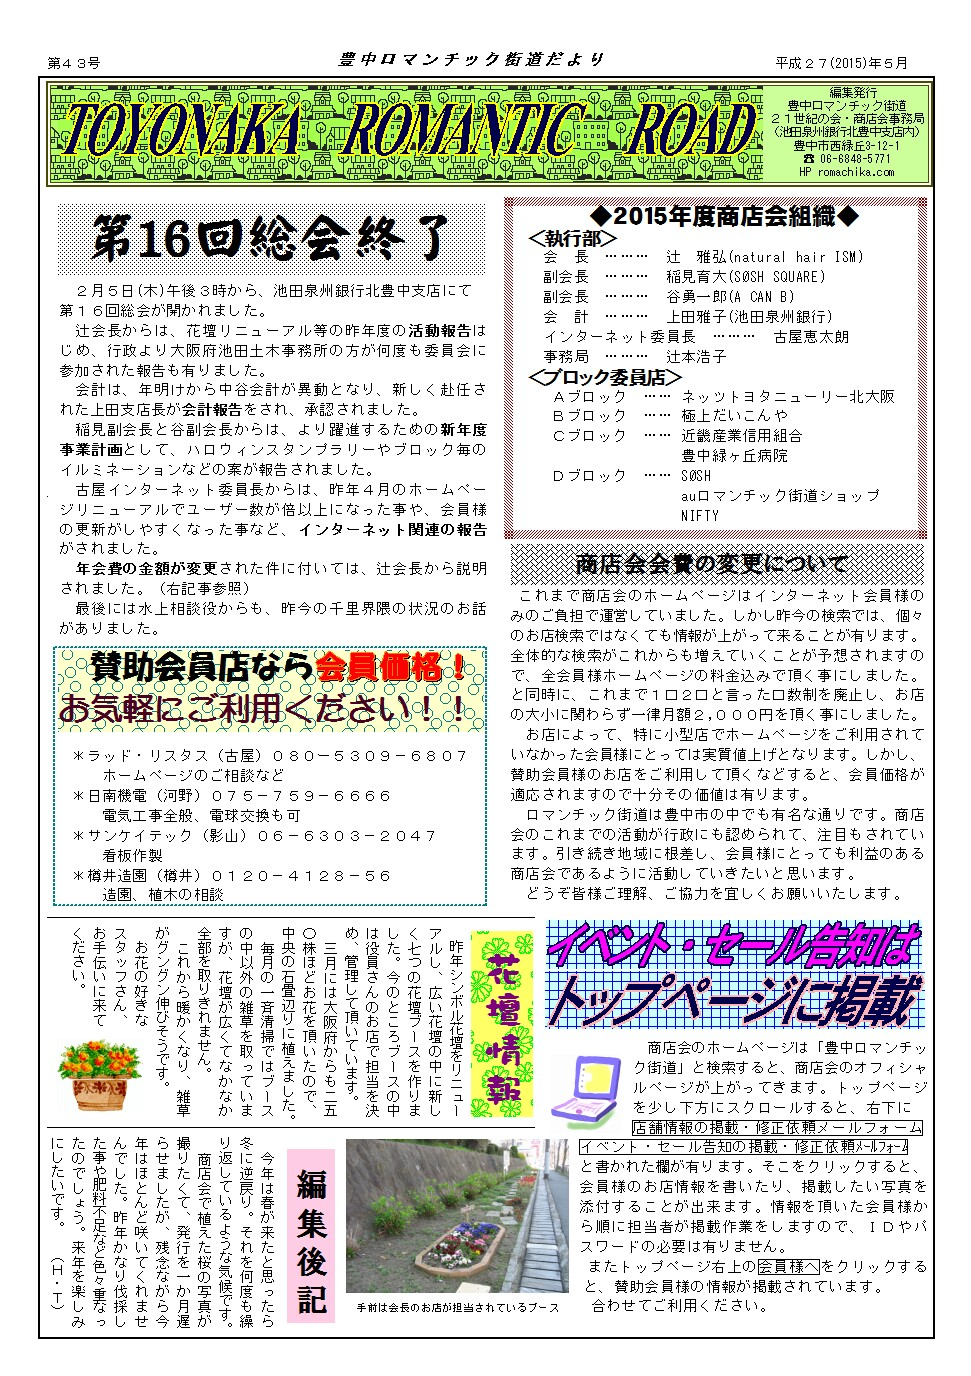 ロマ街新聞2015